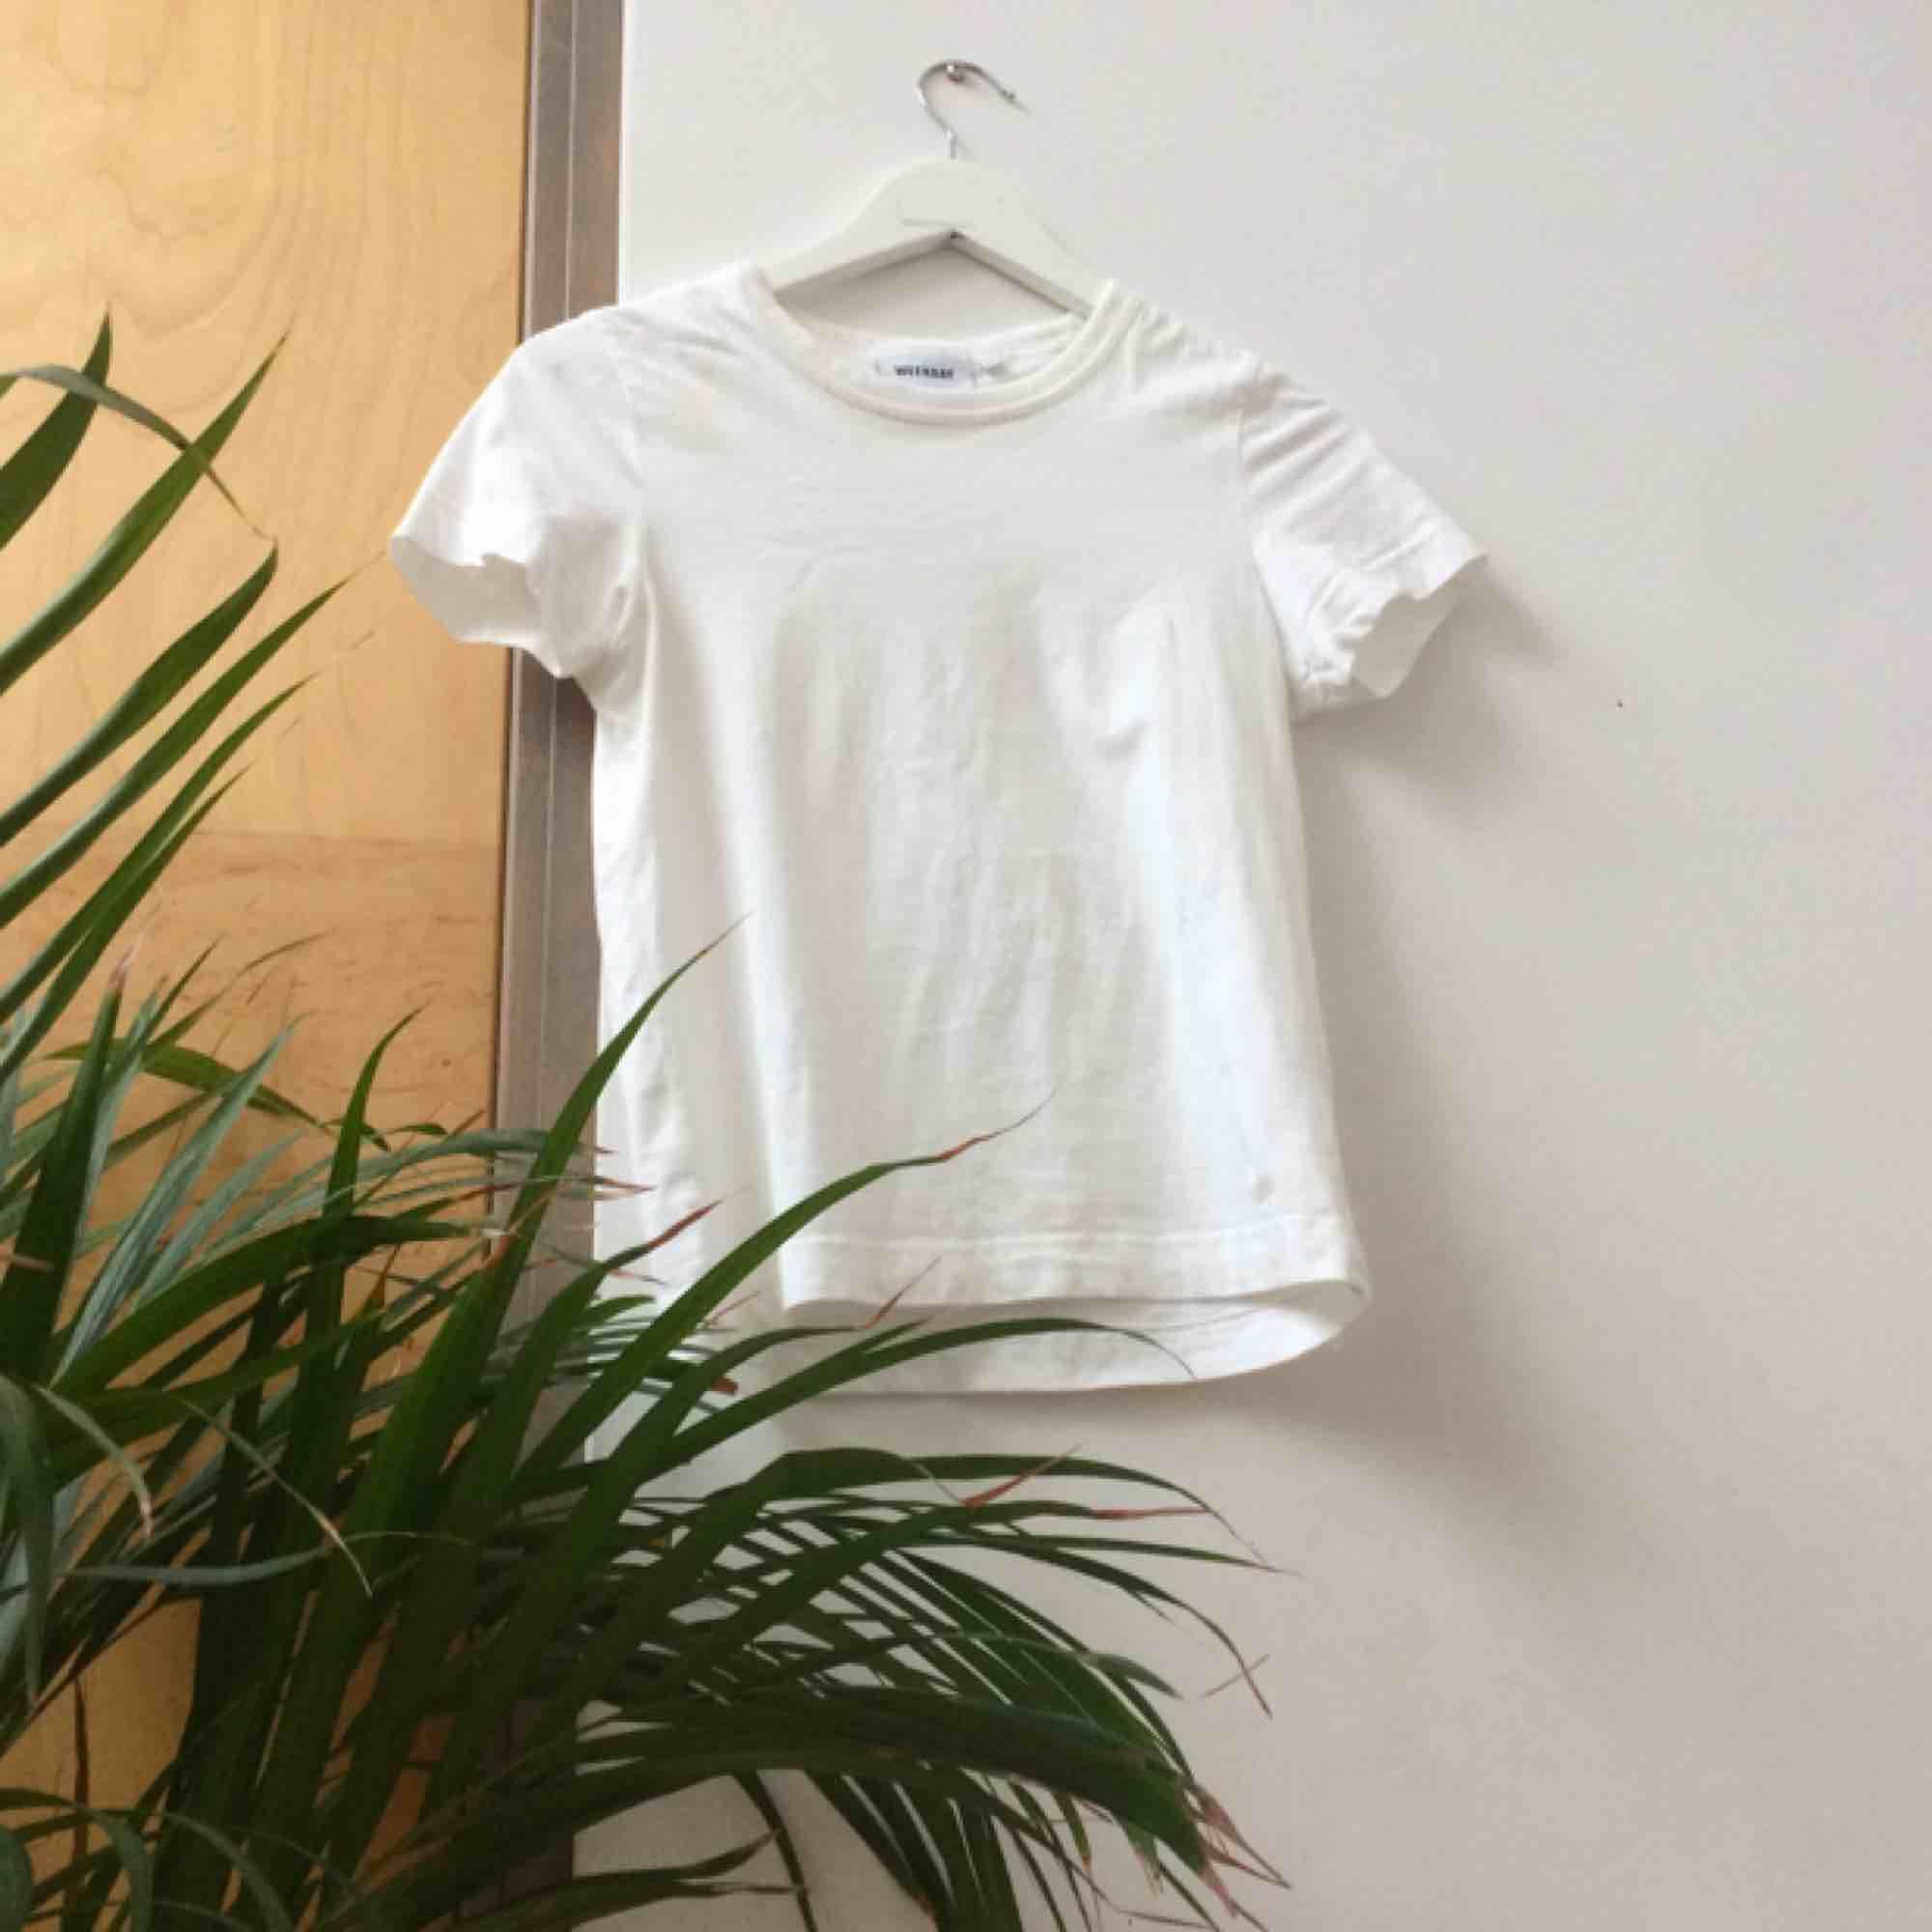 Vit tshirt från WEEKDAY. Använd EN gång, ser ut som ny. Säljer för att jag har för många vita tshirts lol. 🌻Mötas i Malmö?/Frakt tillkommer🦕 No refunds 🌻. T-shirts.